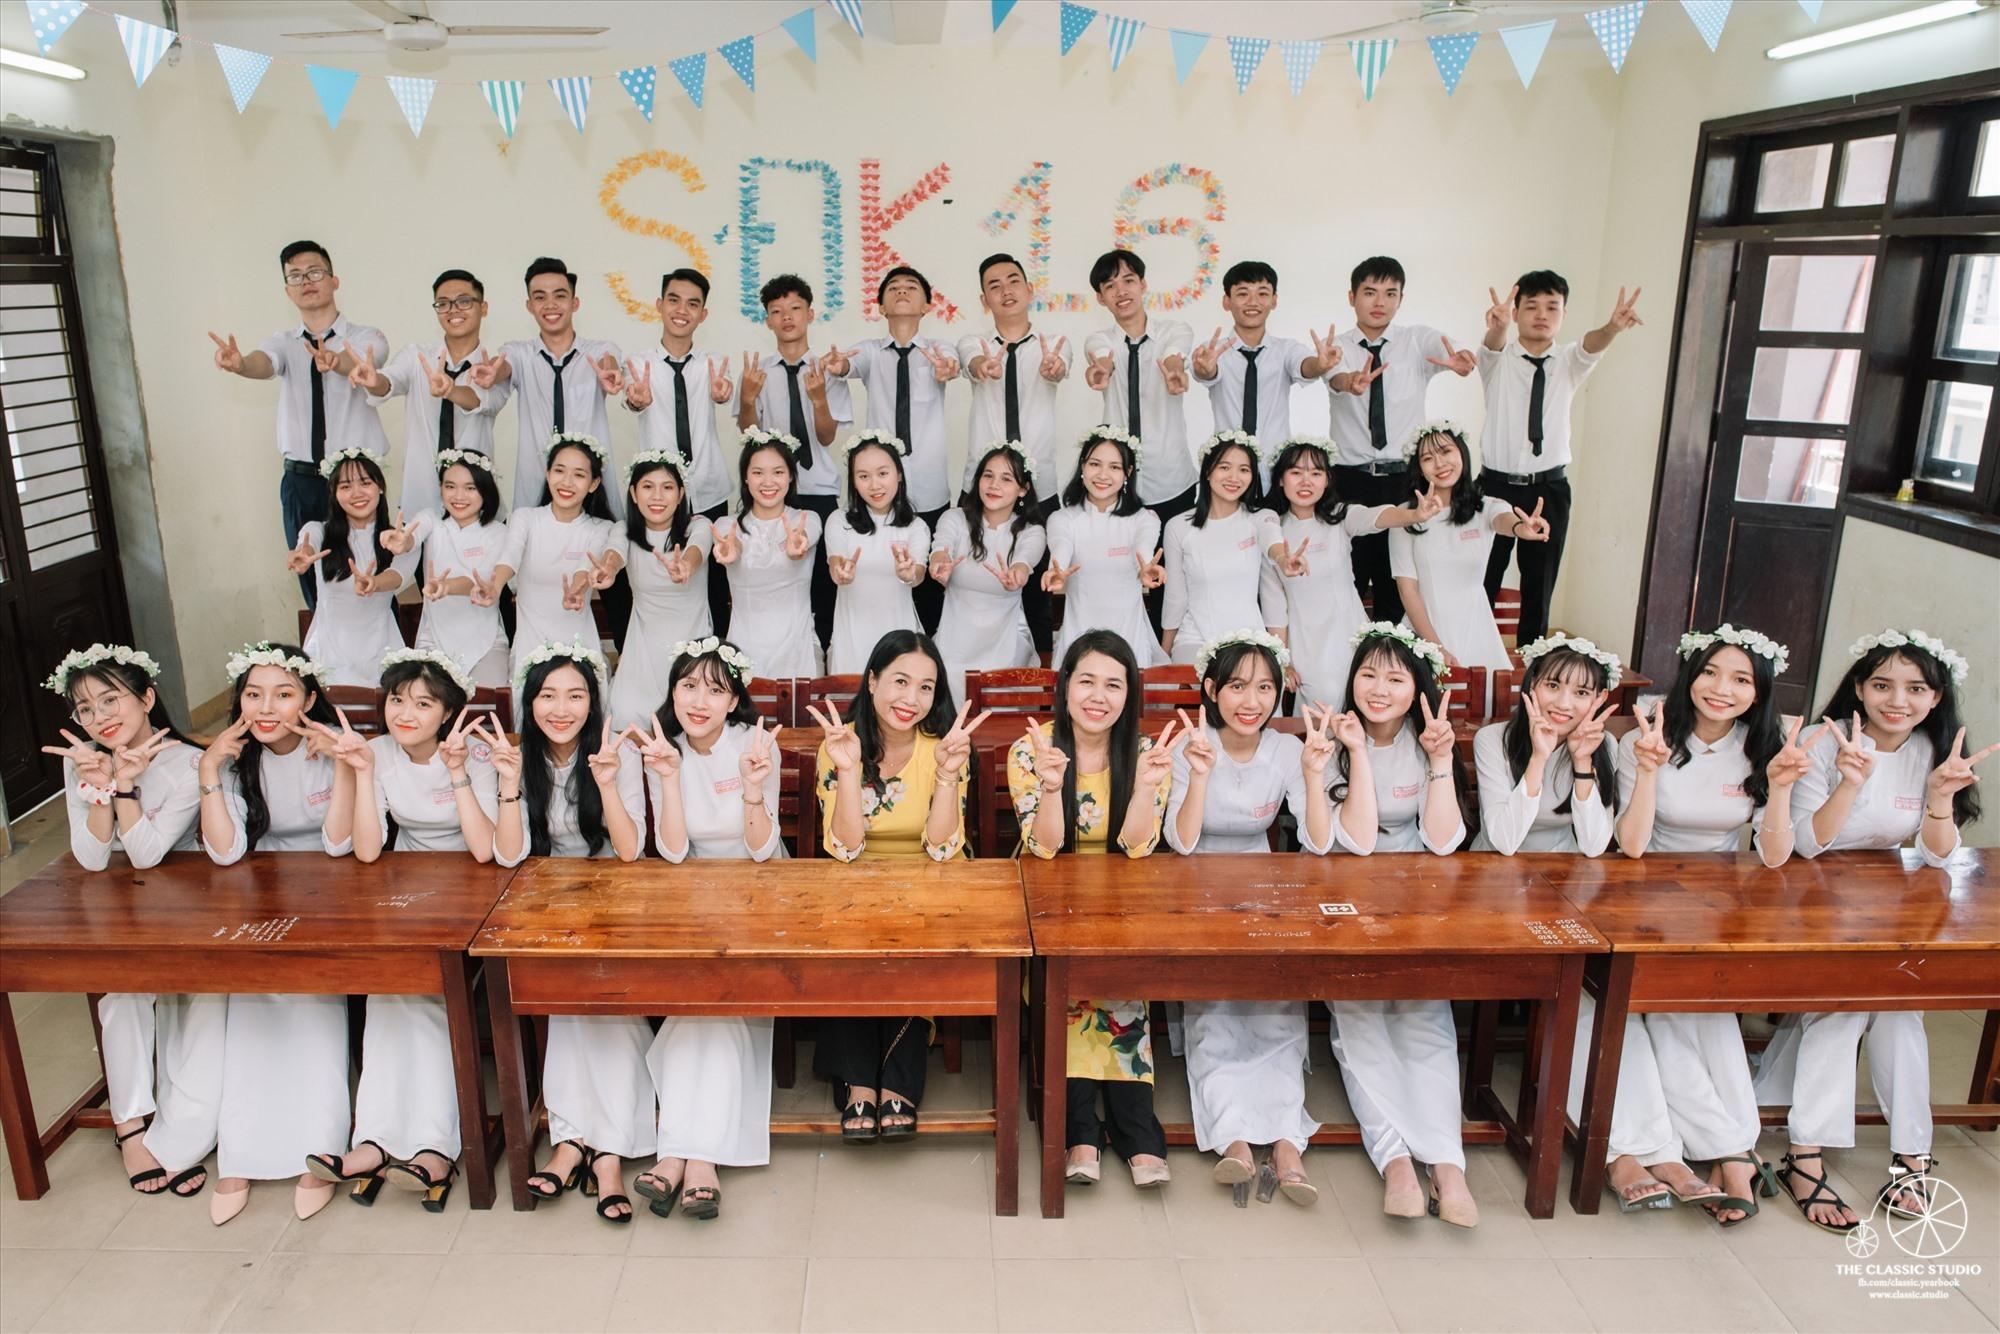 Tập thể lớp chuyên Sử - Địa K16 Trường THPT chuyên Nguyễn Bỉnh Khiêm và cô giáo chủ nhiệm - cô giáo bộ môn Sử - Địa. Ảnh: NVCC.